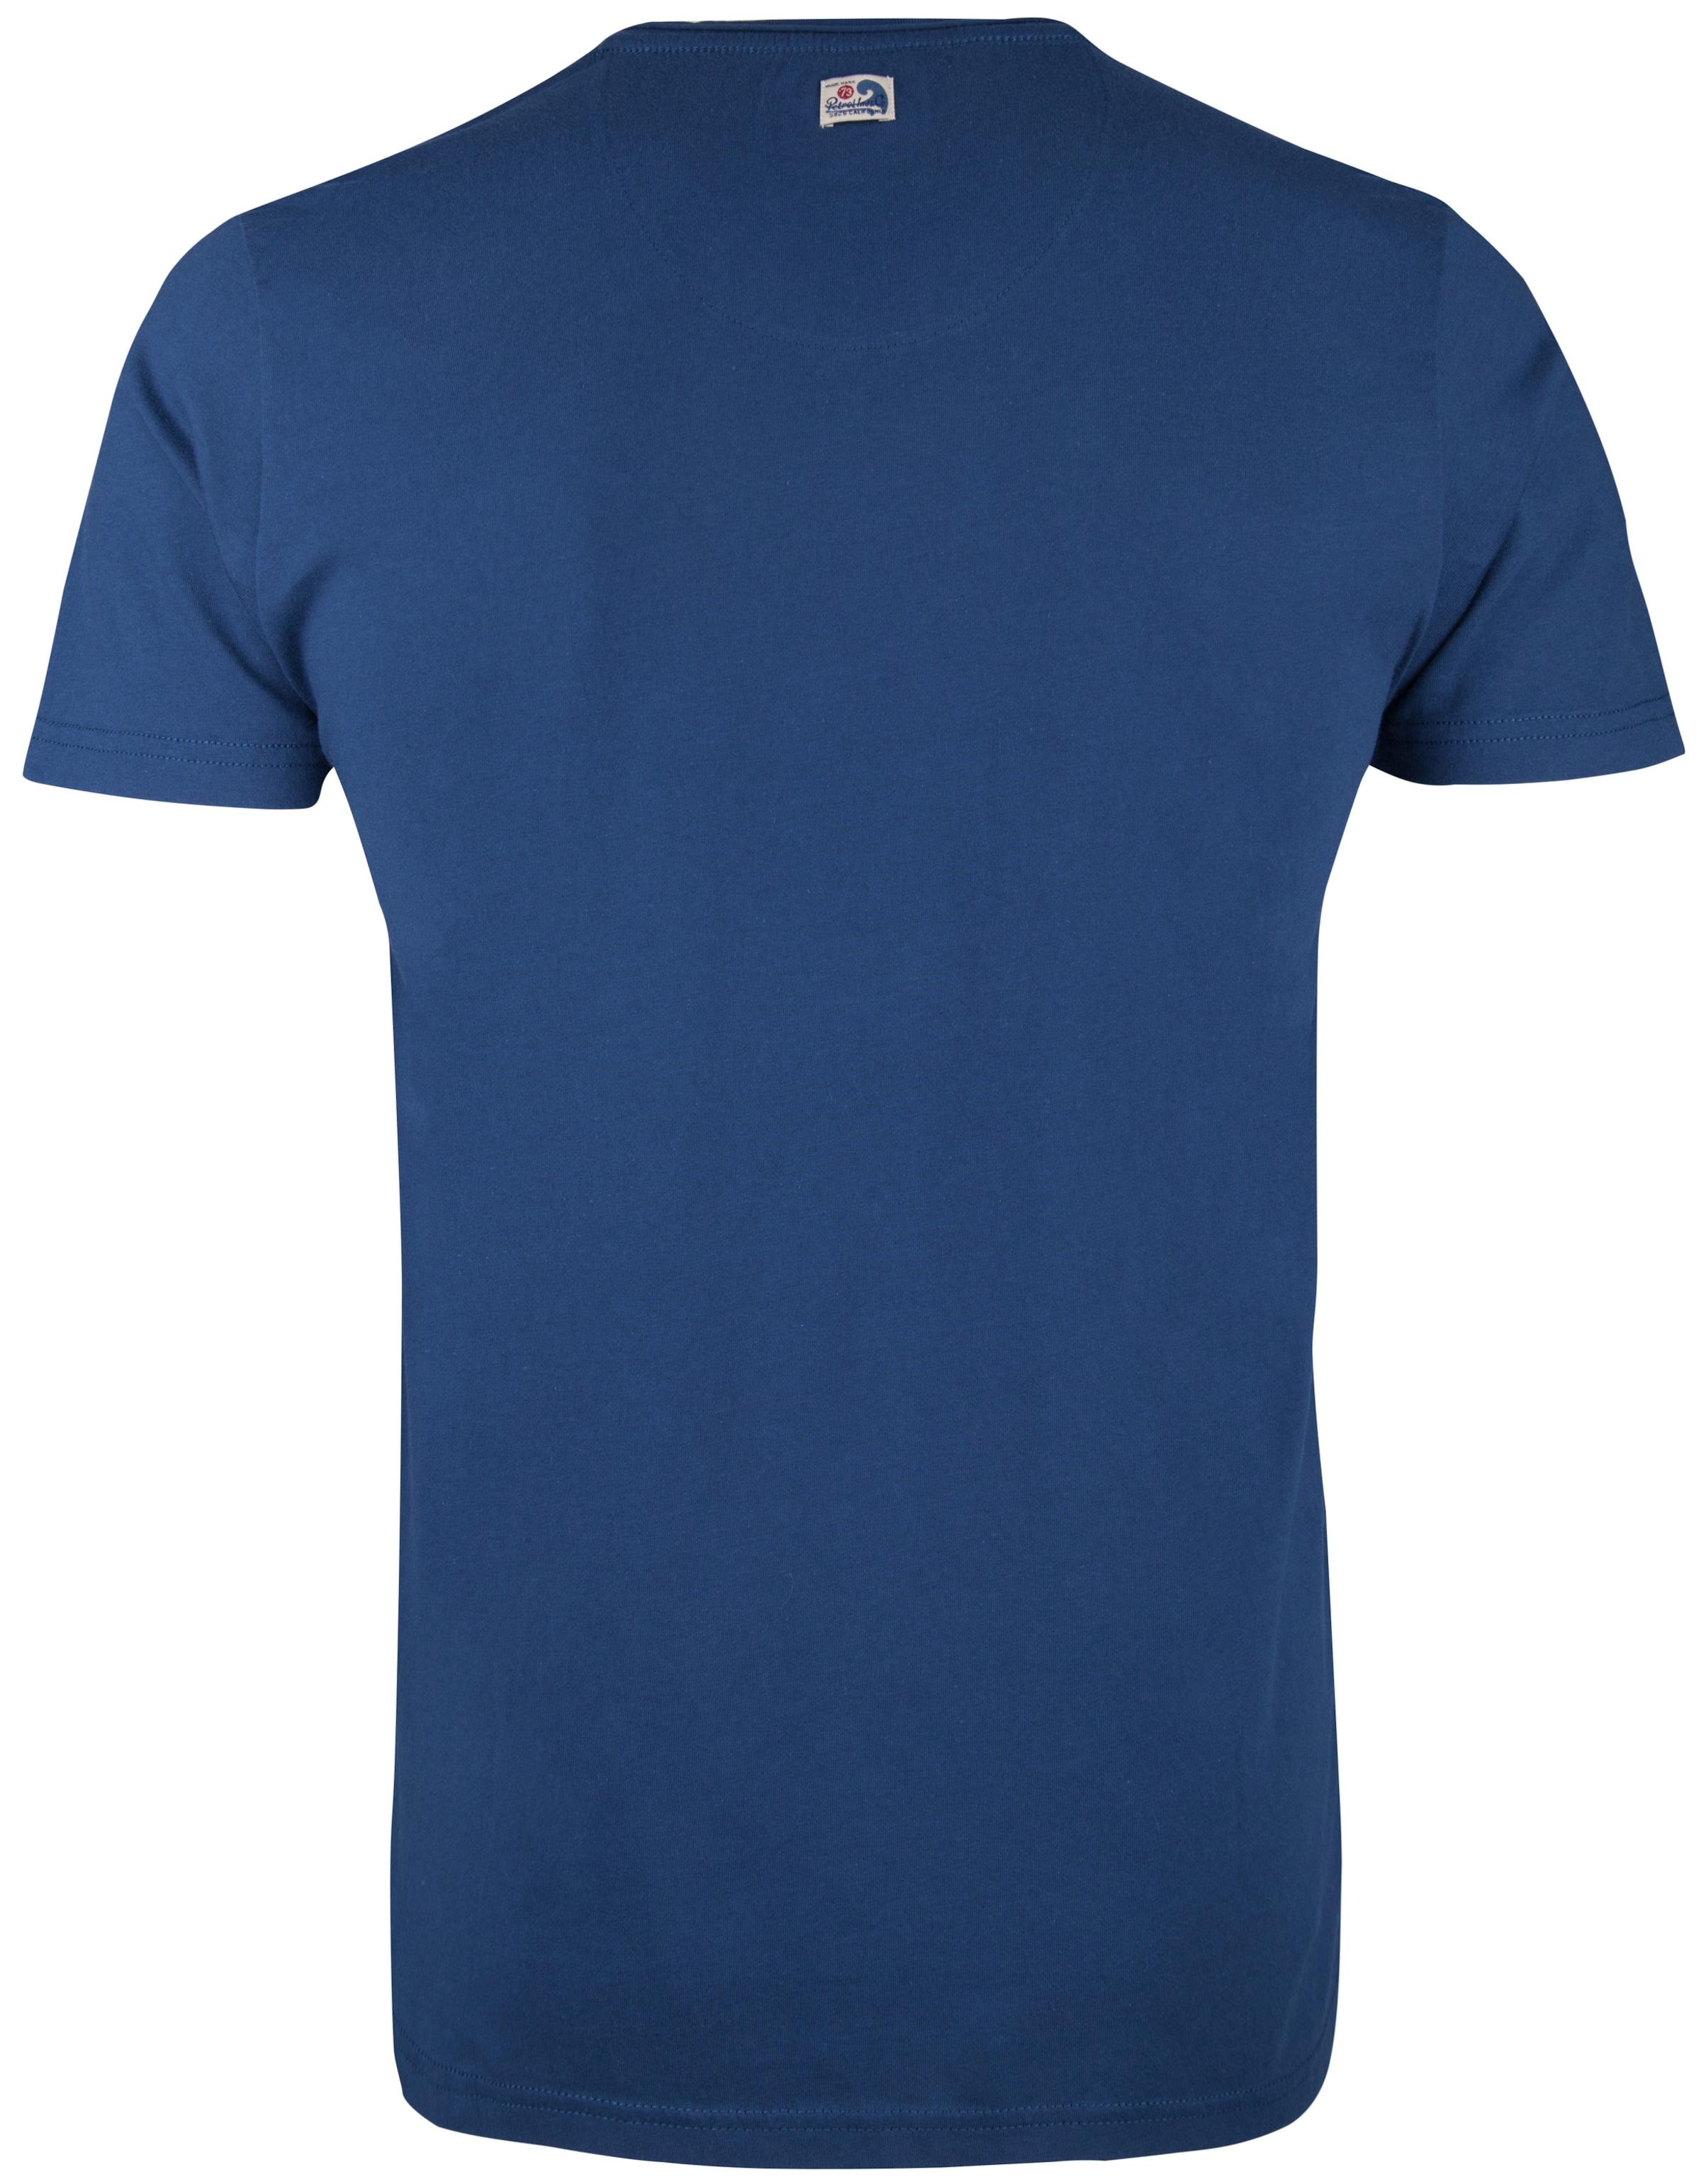 Erschwinglicher Verkauf Online Spielraum Sneakernews Petrol Industries T-Shirt h44DsY6cV